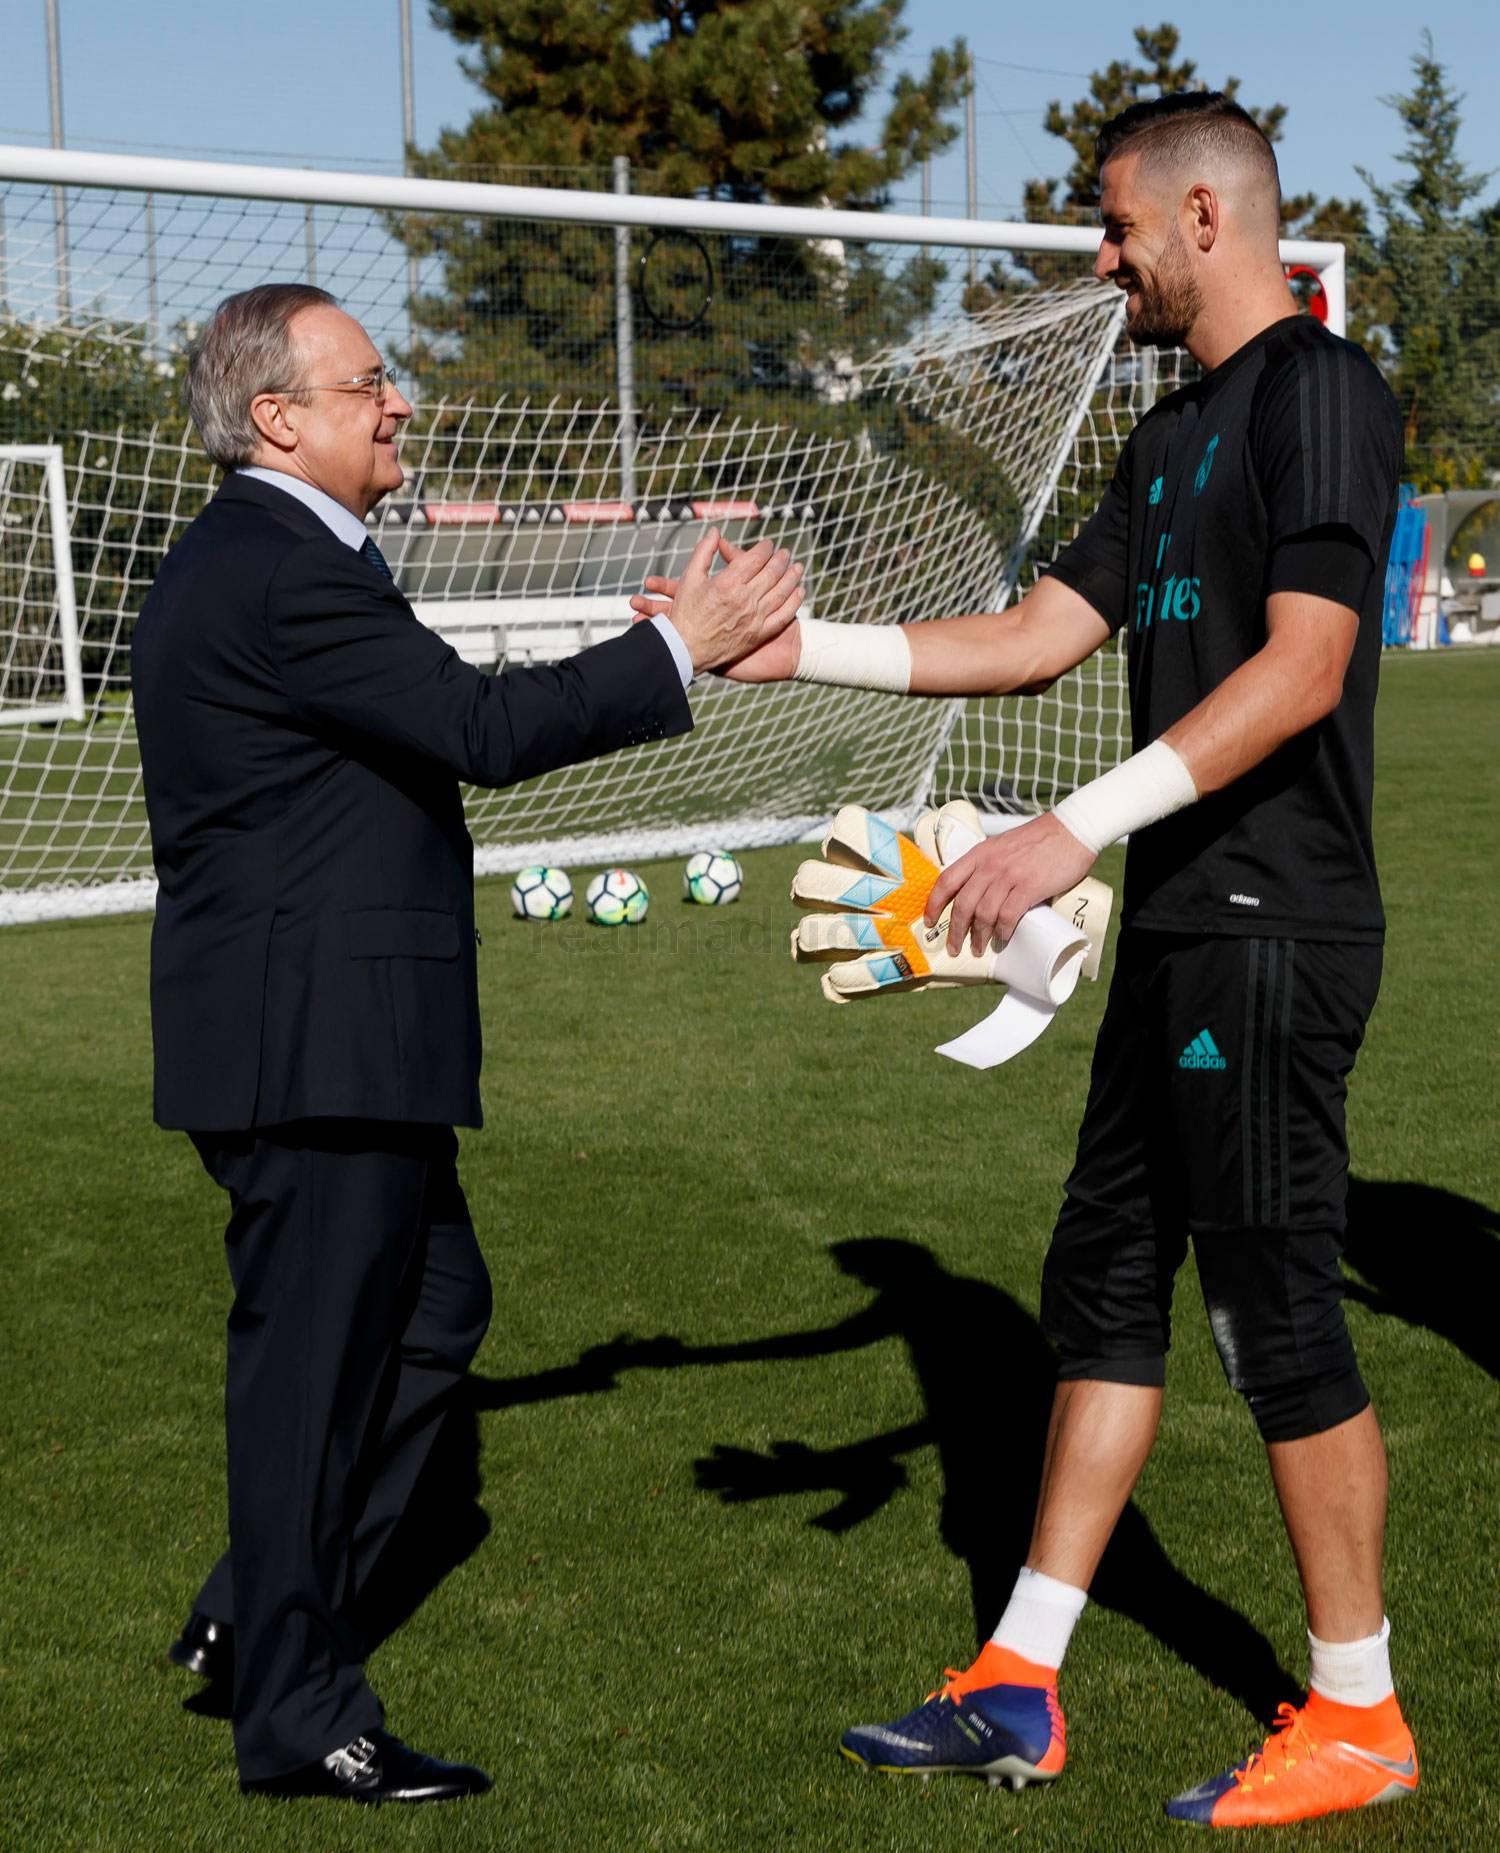 Foto: Florentino Peres bugungi mashg'ulotlariga tashrif buyurdi (+ video)